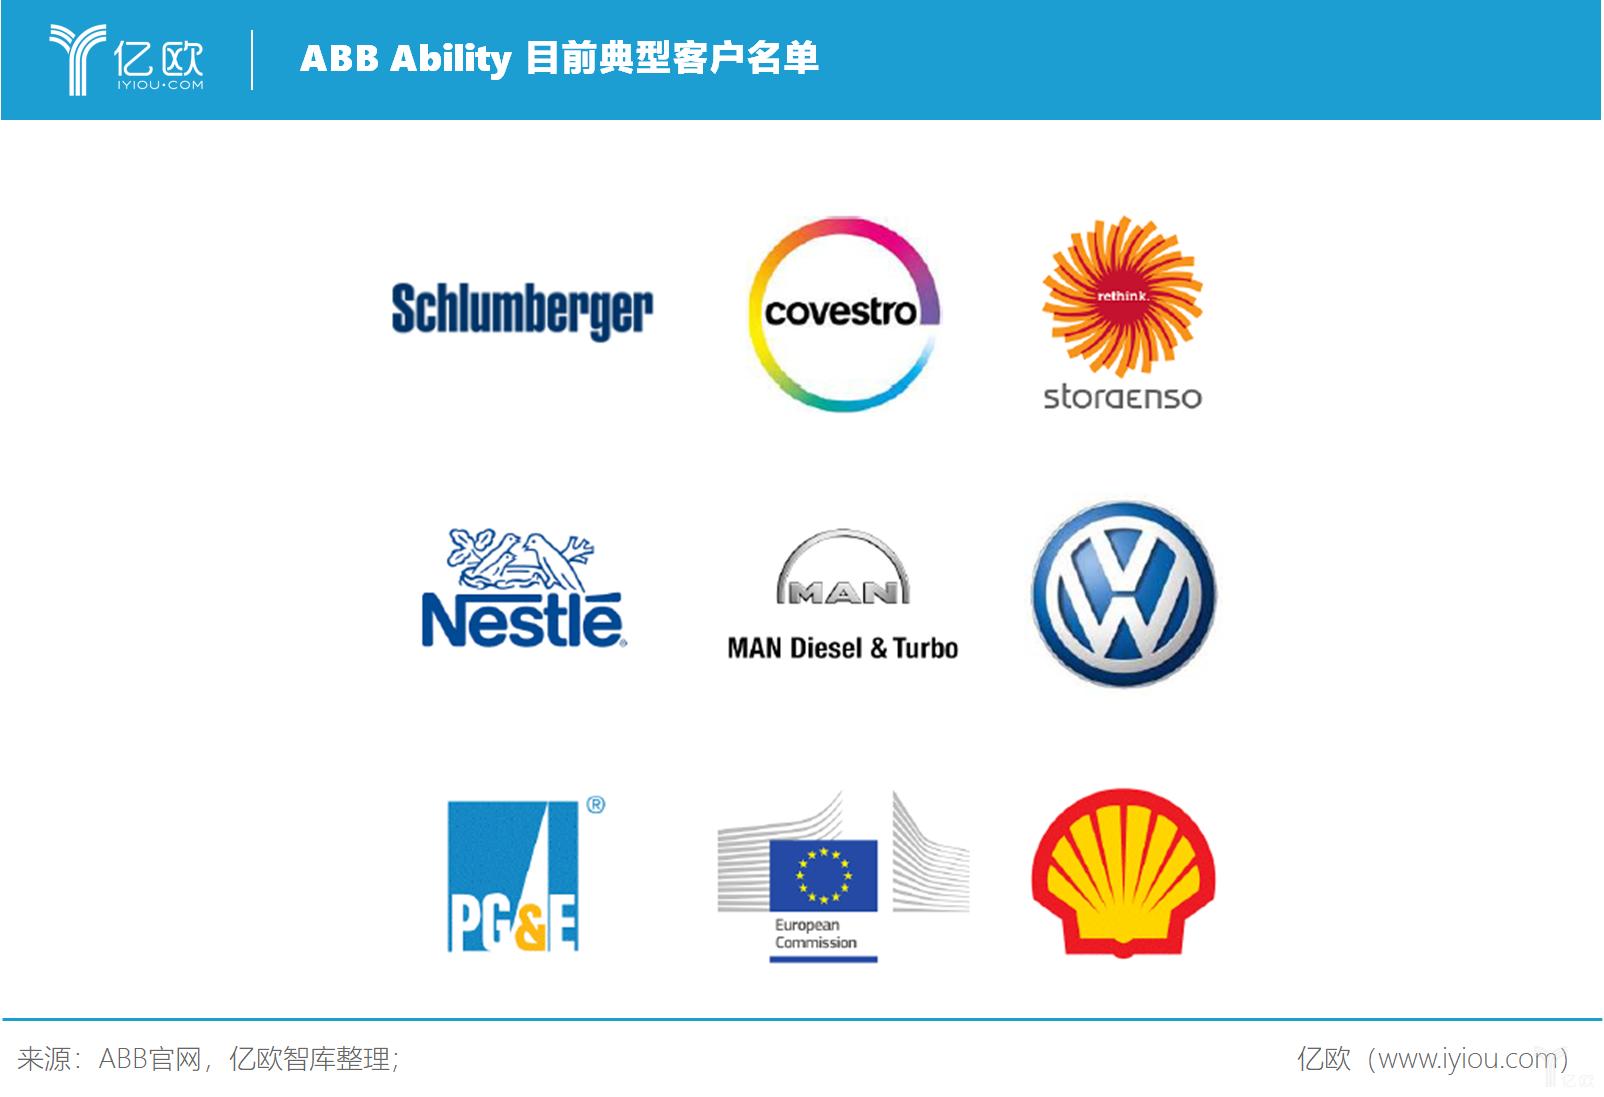 亿欧智库:ABB Ability 目前典型客户名单